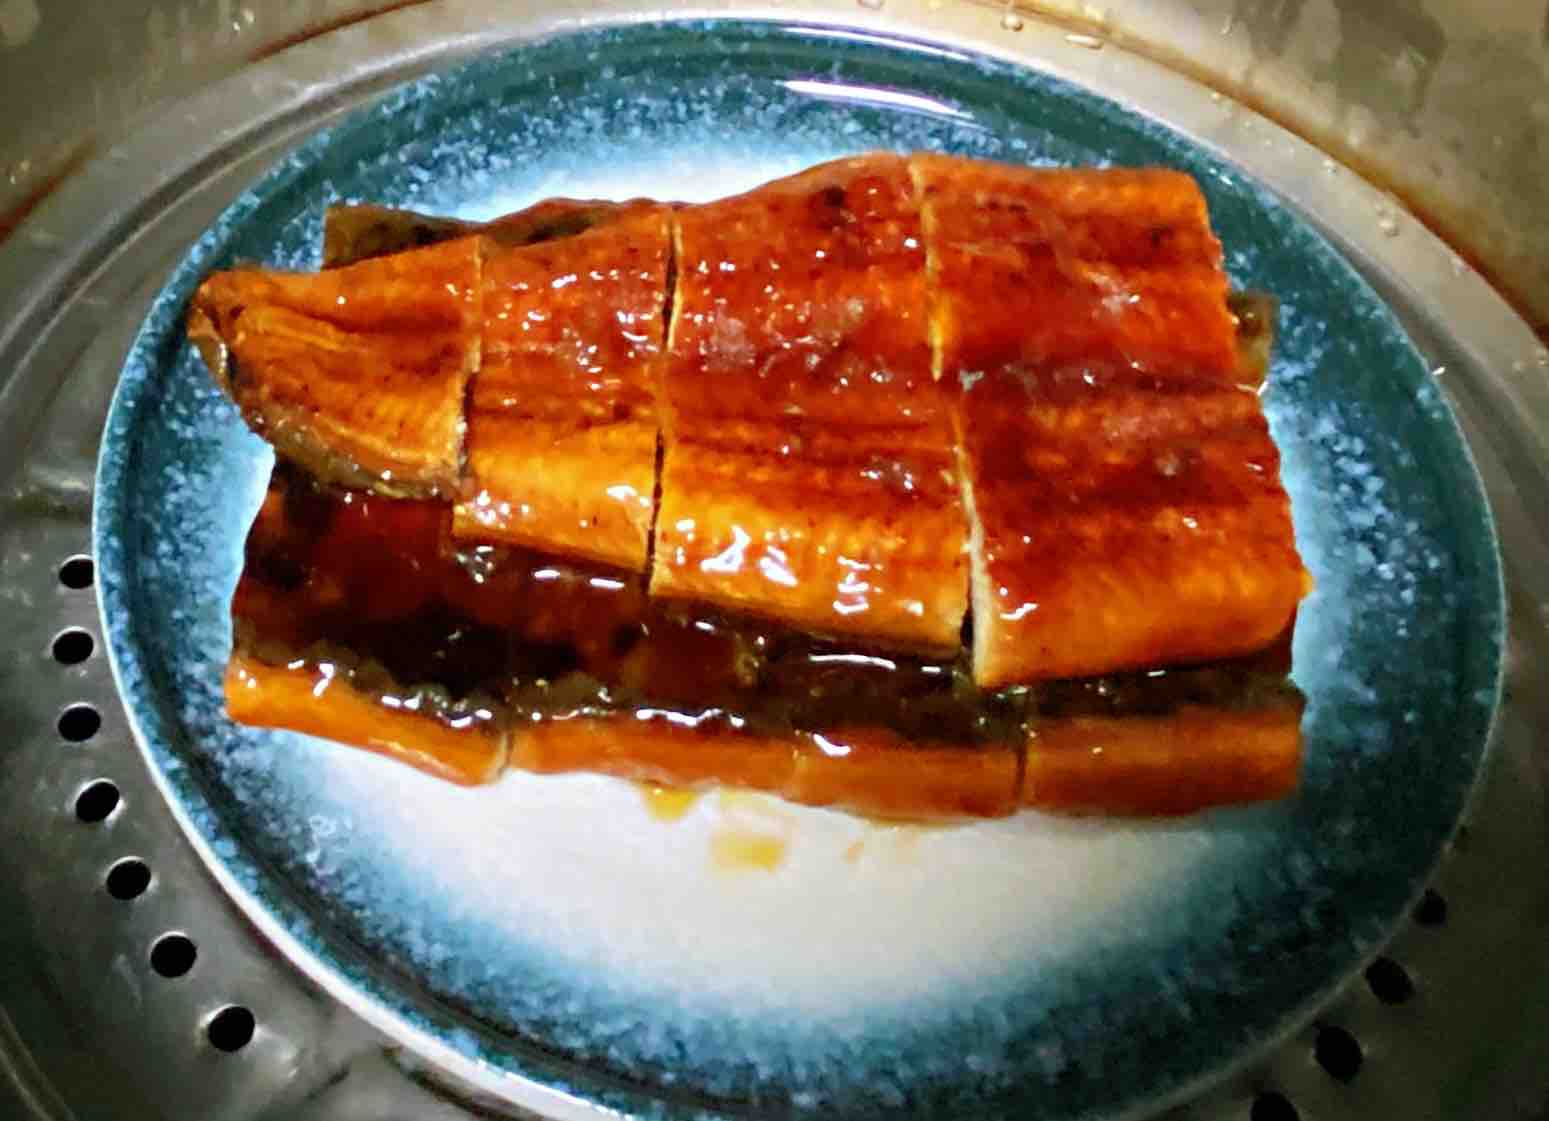 【孕妇食谱】日式蒲烧鳗鱼饭,酱汁浓郁、肉质香嫩,回味无穷~的做法大全